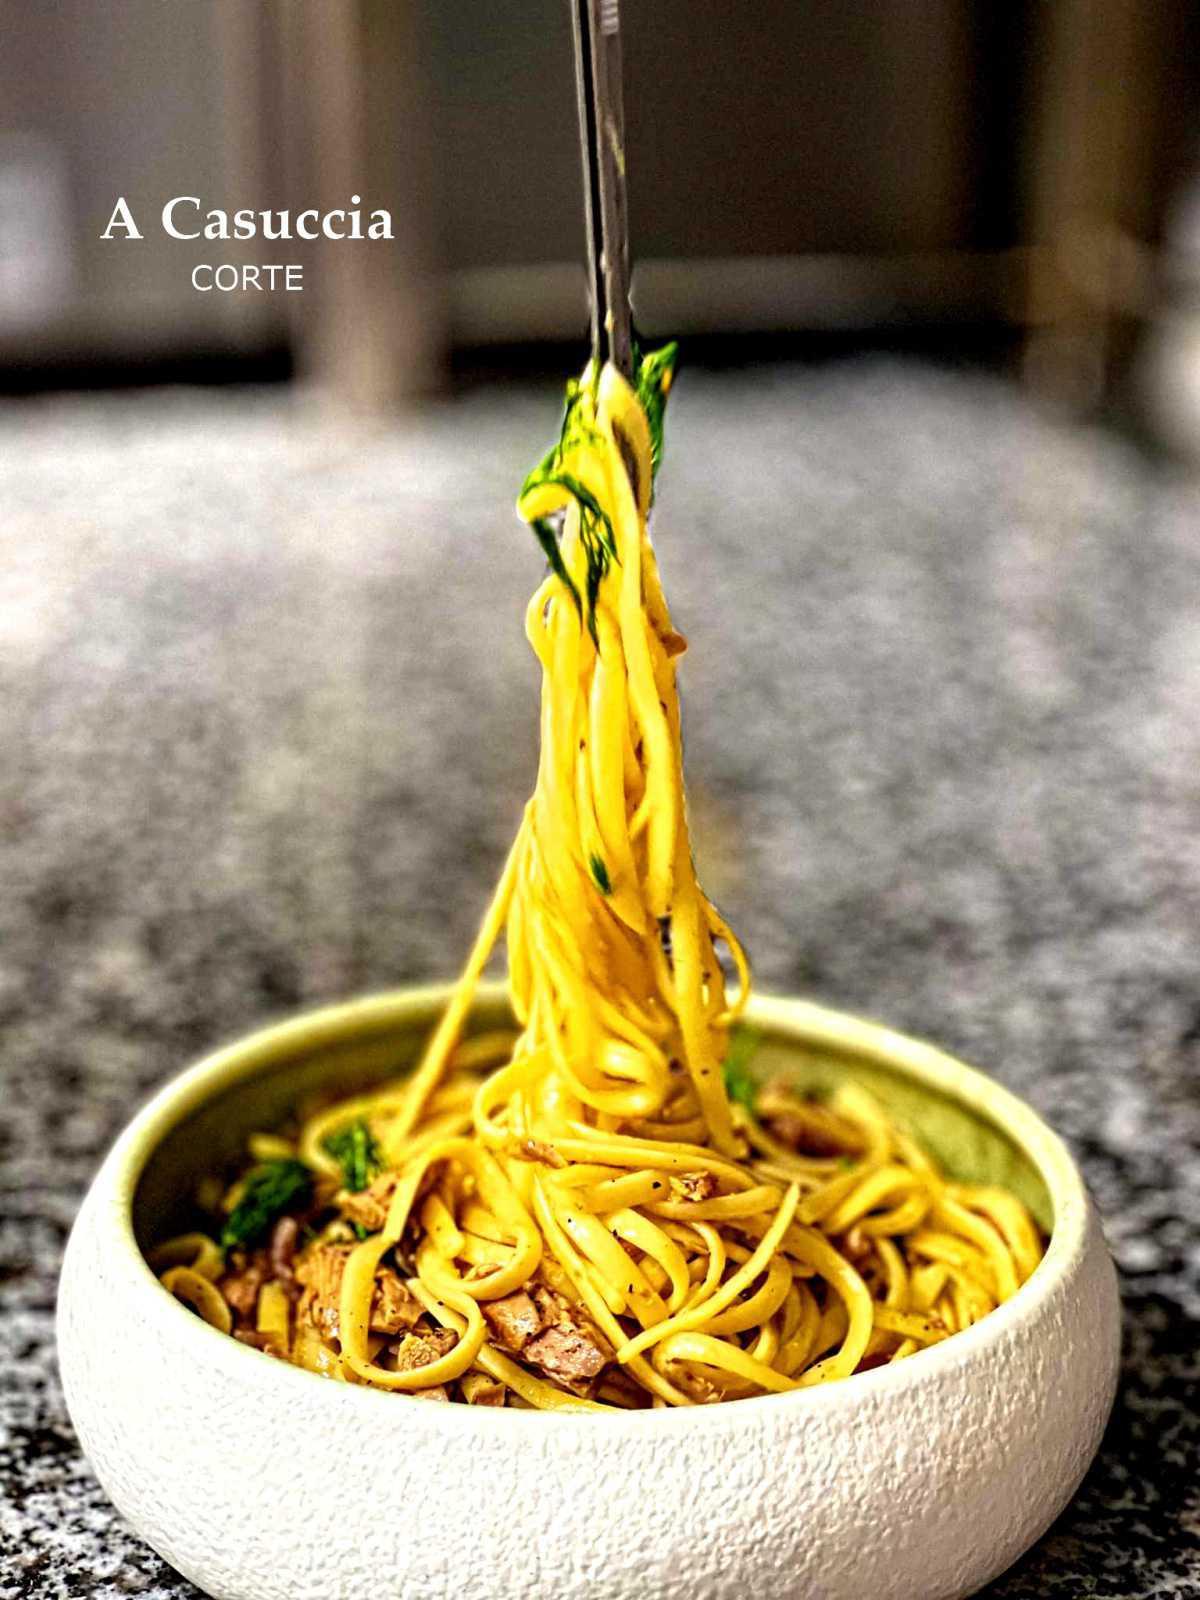 A Casuccia | Restaurant à Corte